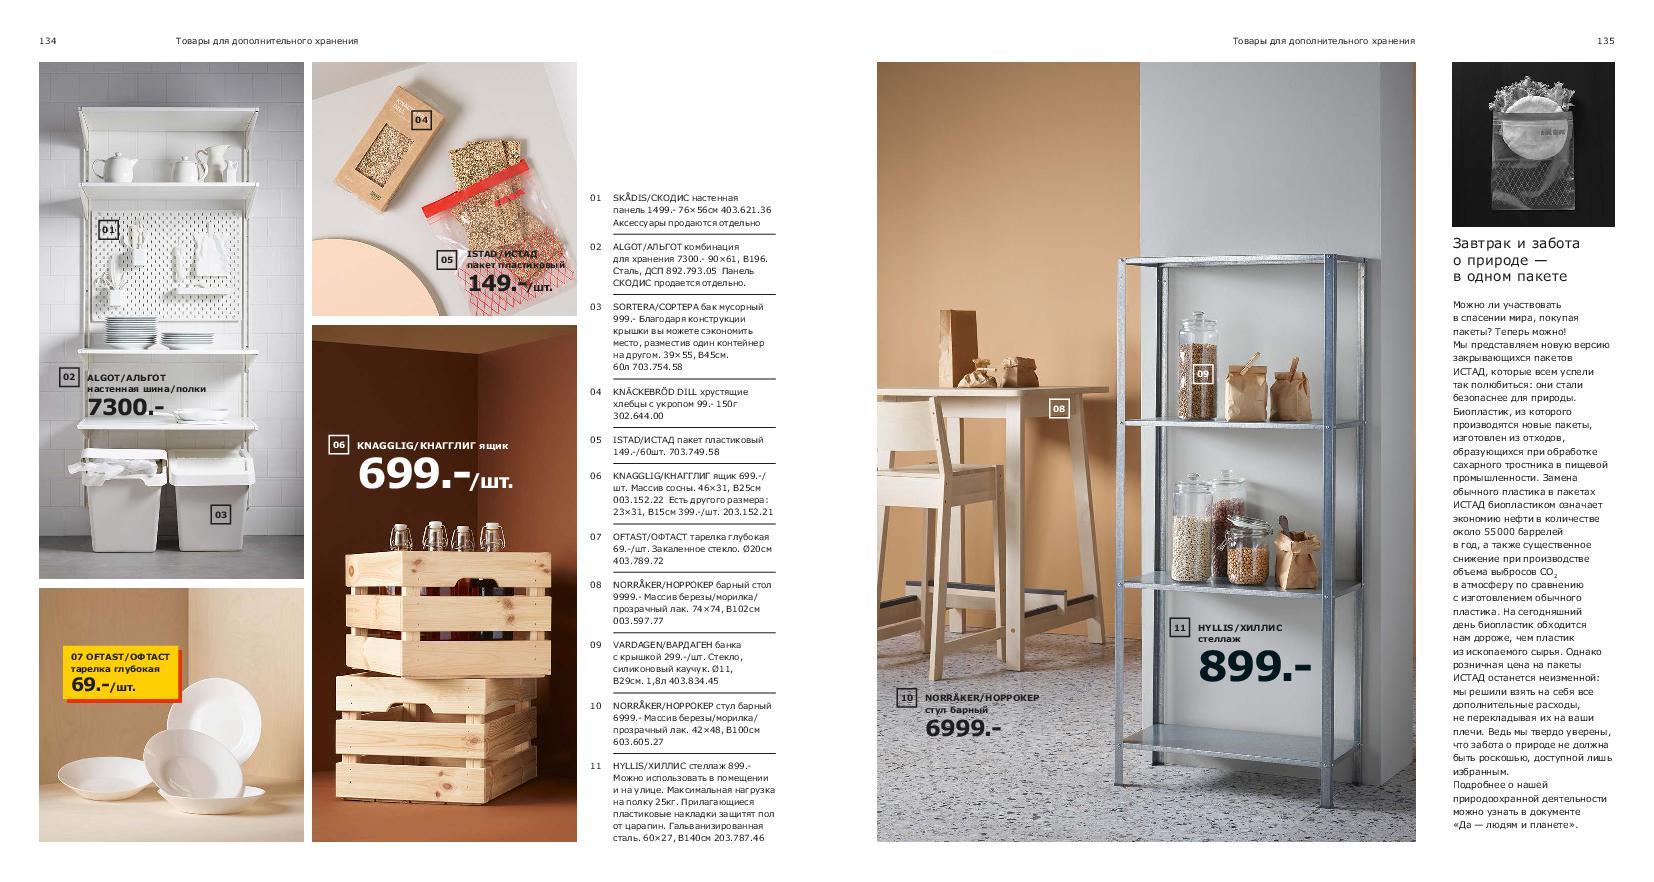 IKEA_catalogue_2019-68